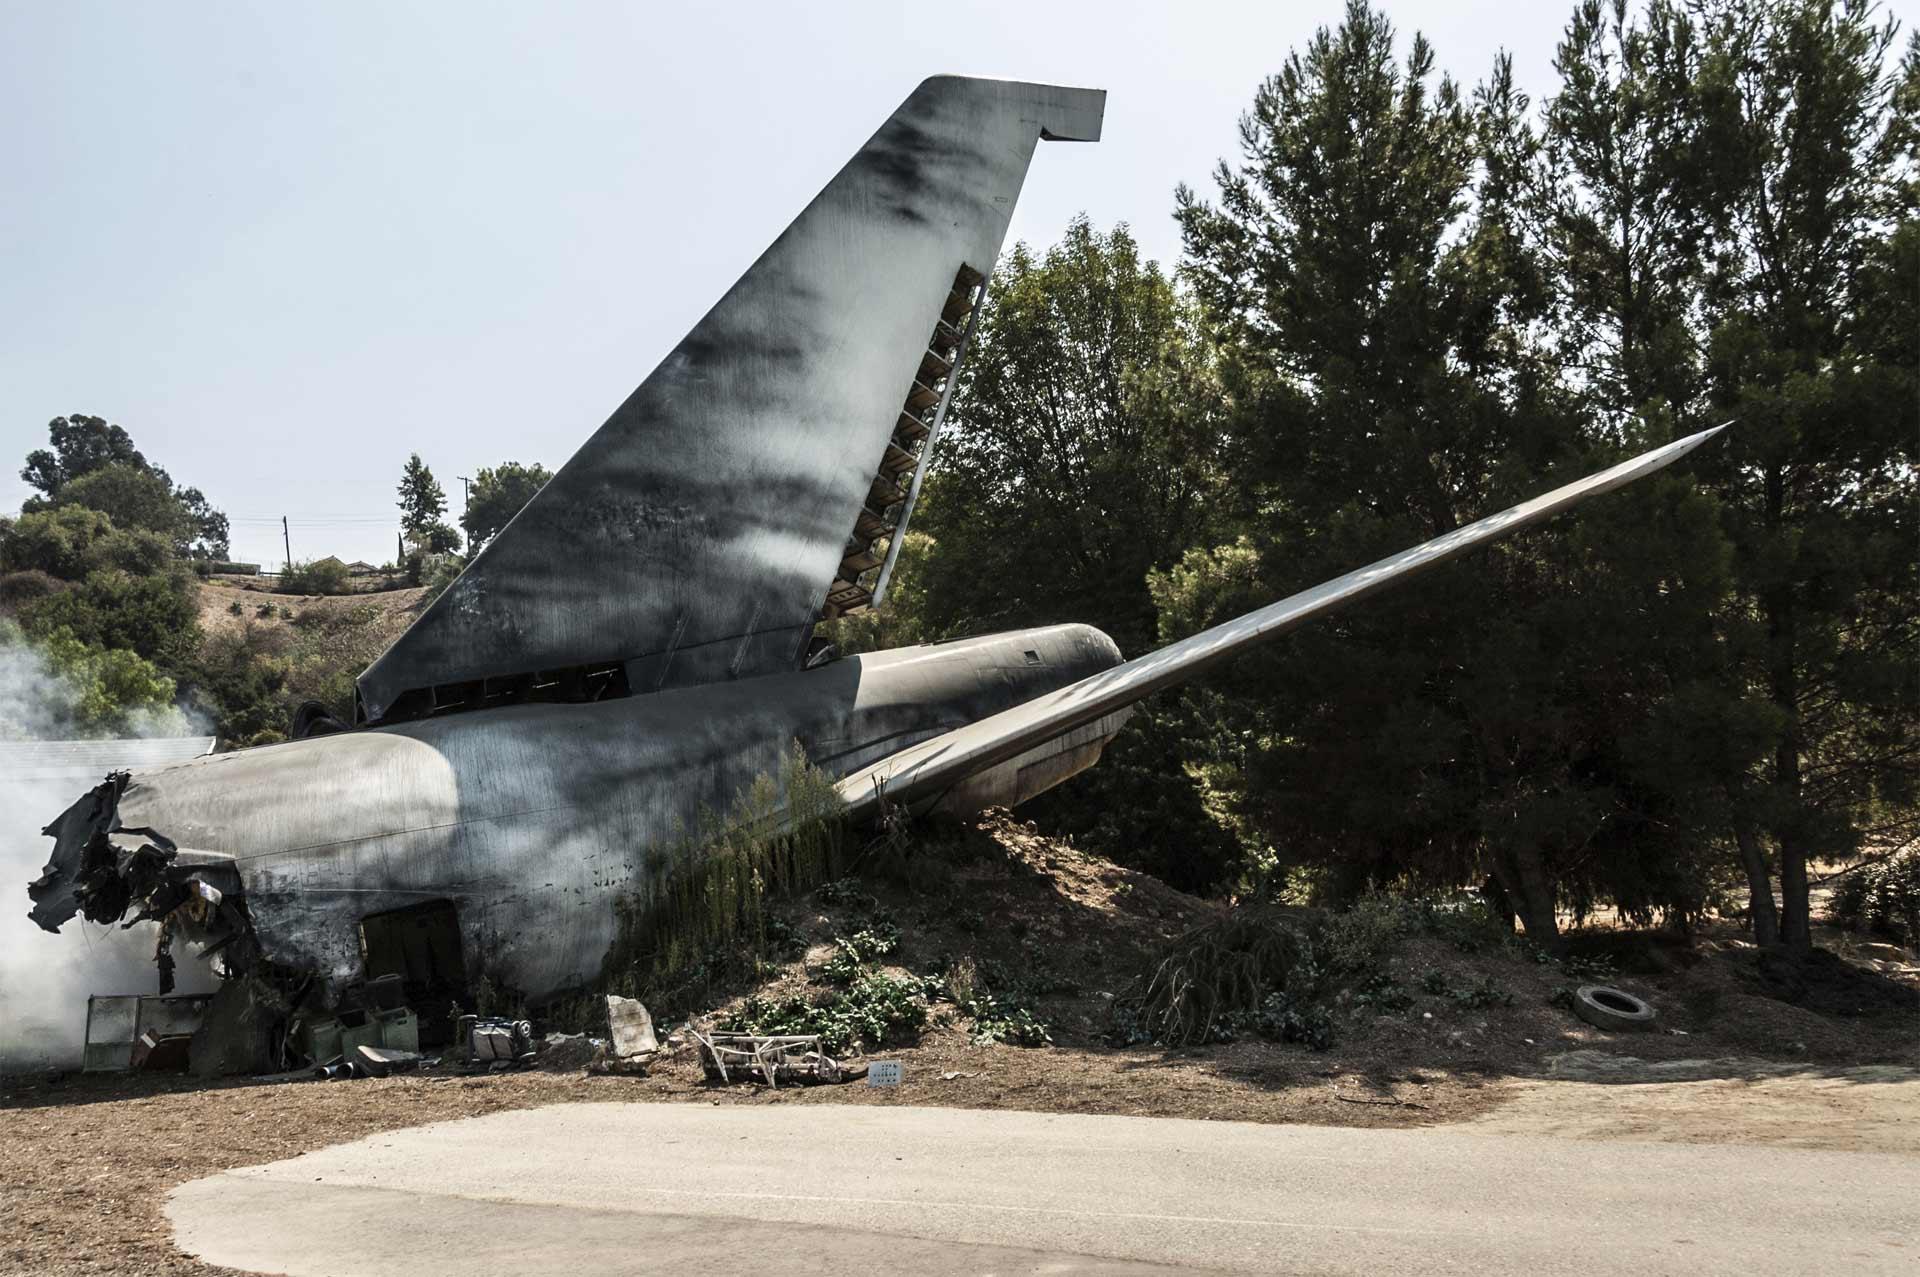 El avión accidentado se encontraba cerca de aeropuerto de Igarka, región de Siberia